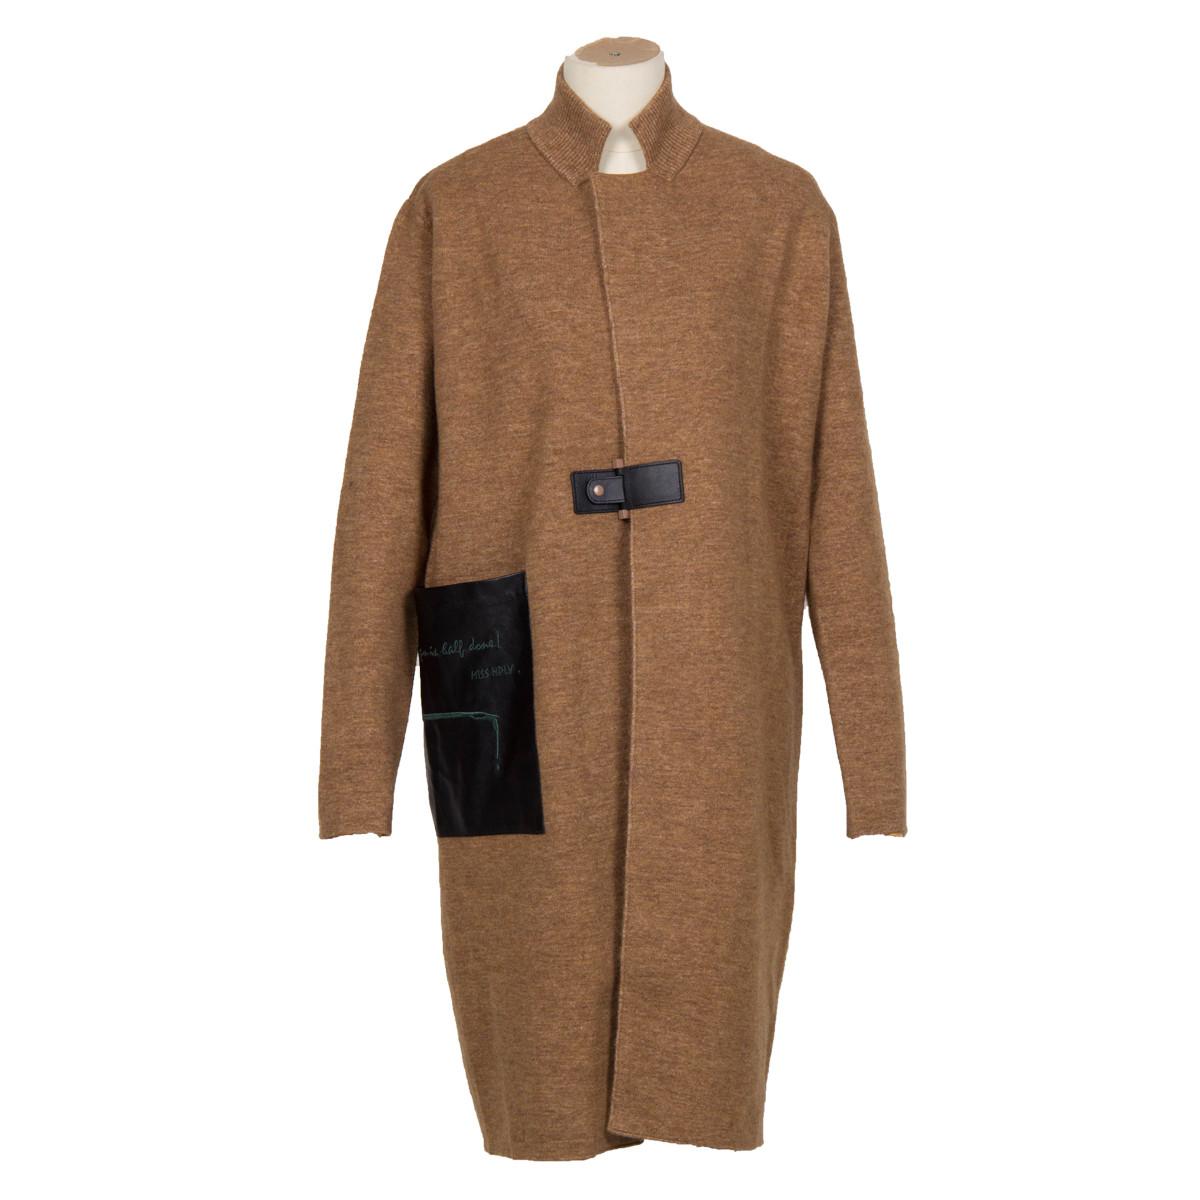 荷比俪荷比俪复古立领一粒扣中长款创意口袋休闲针织外套HM632650142-62